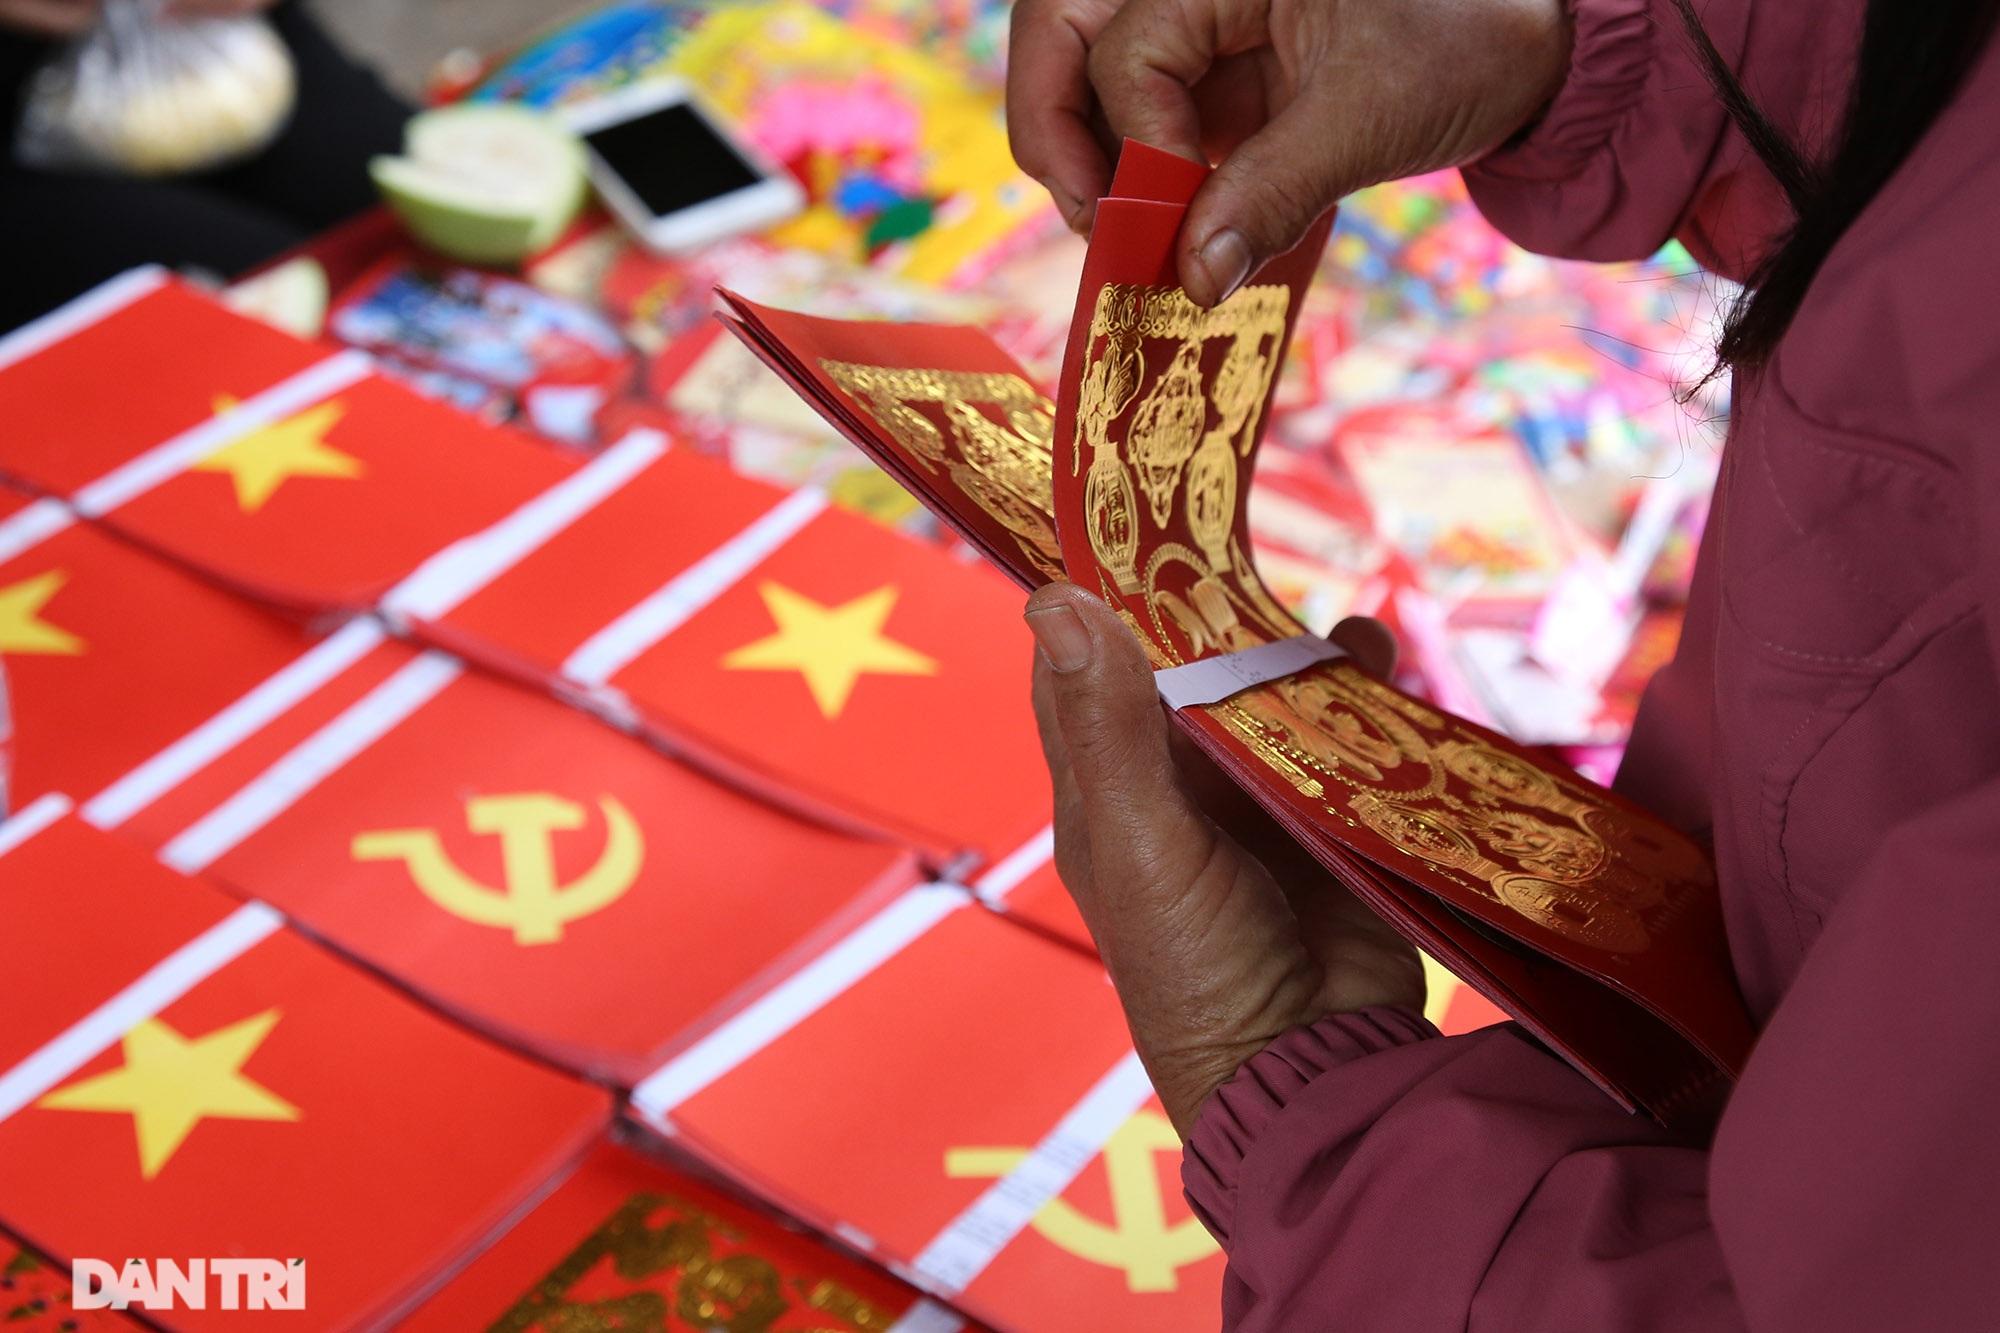 Người dân nhộn nhịp mua cờ tổ quốc về trang trí Tết ở phiên chợ cuối năm - 3